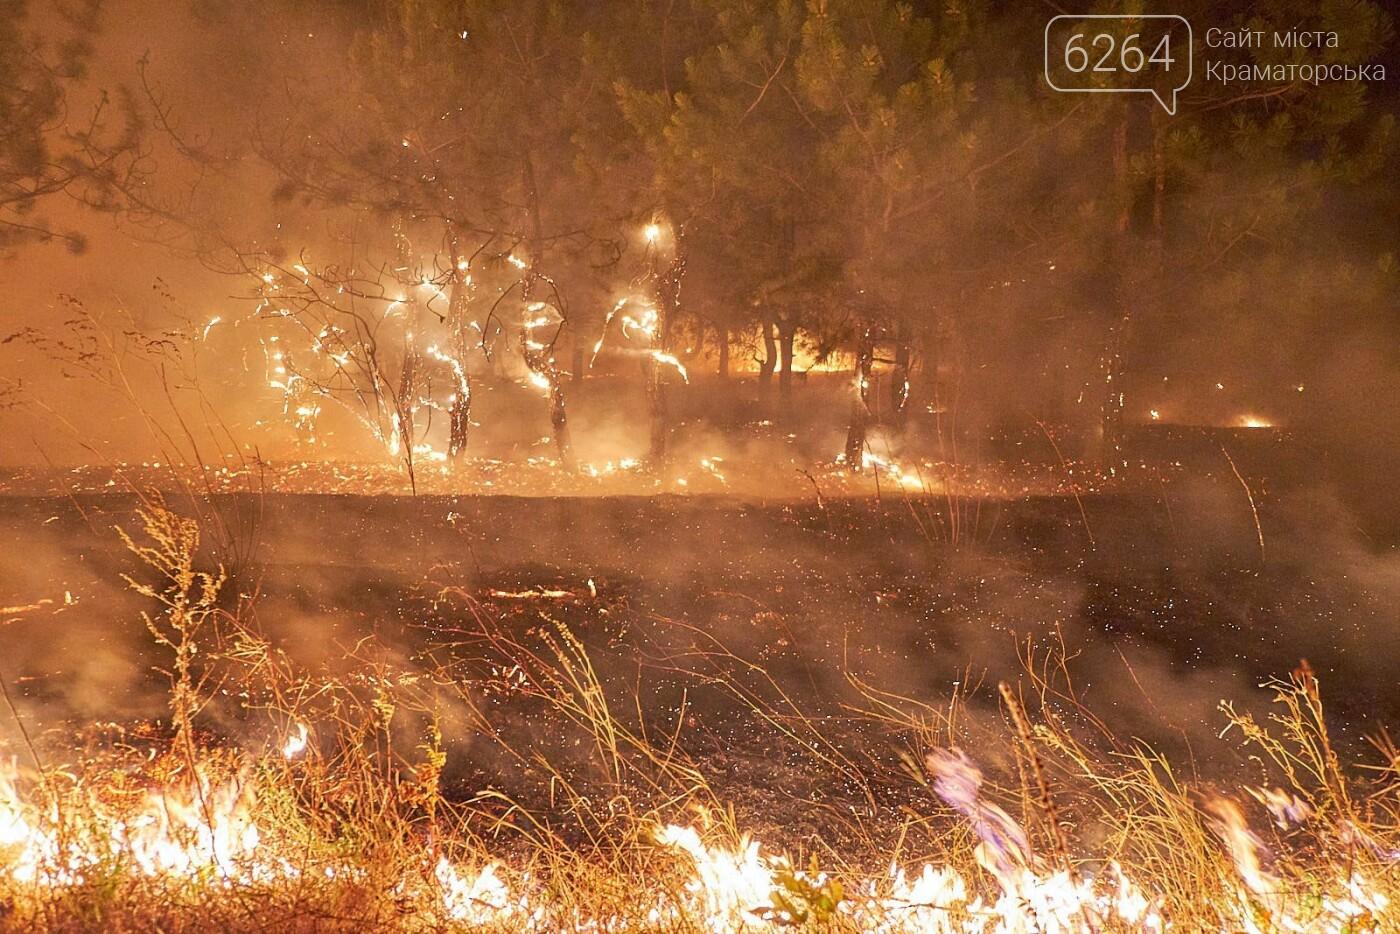 Масштабный лесной пожар в Краматорске – спасатели подозревают поджог (фото), фото-8